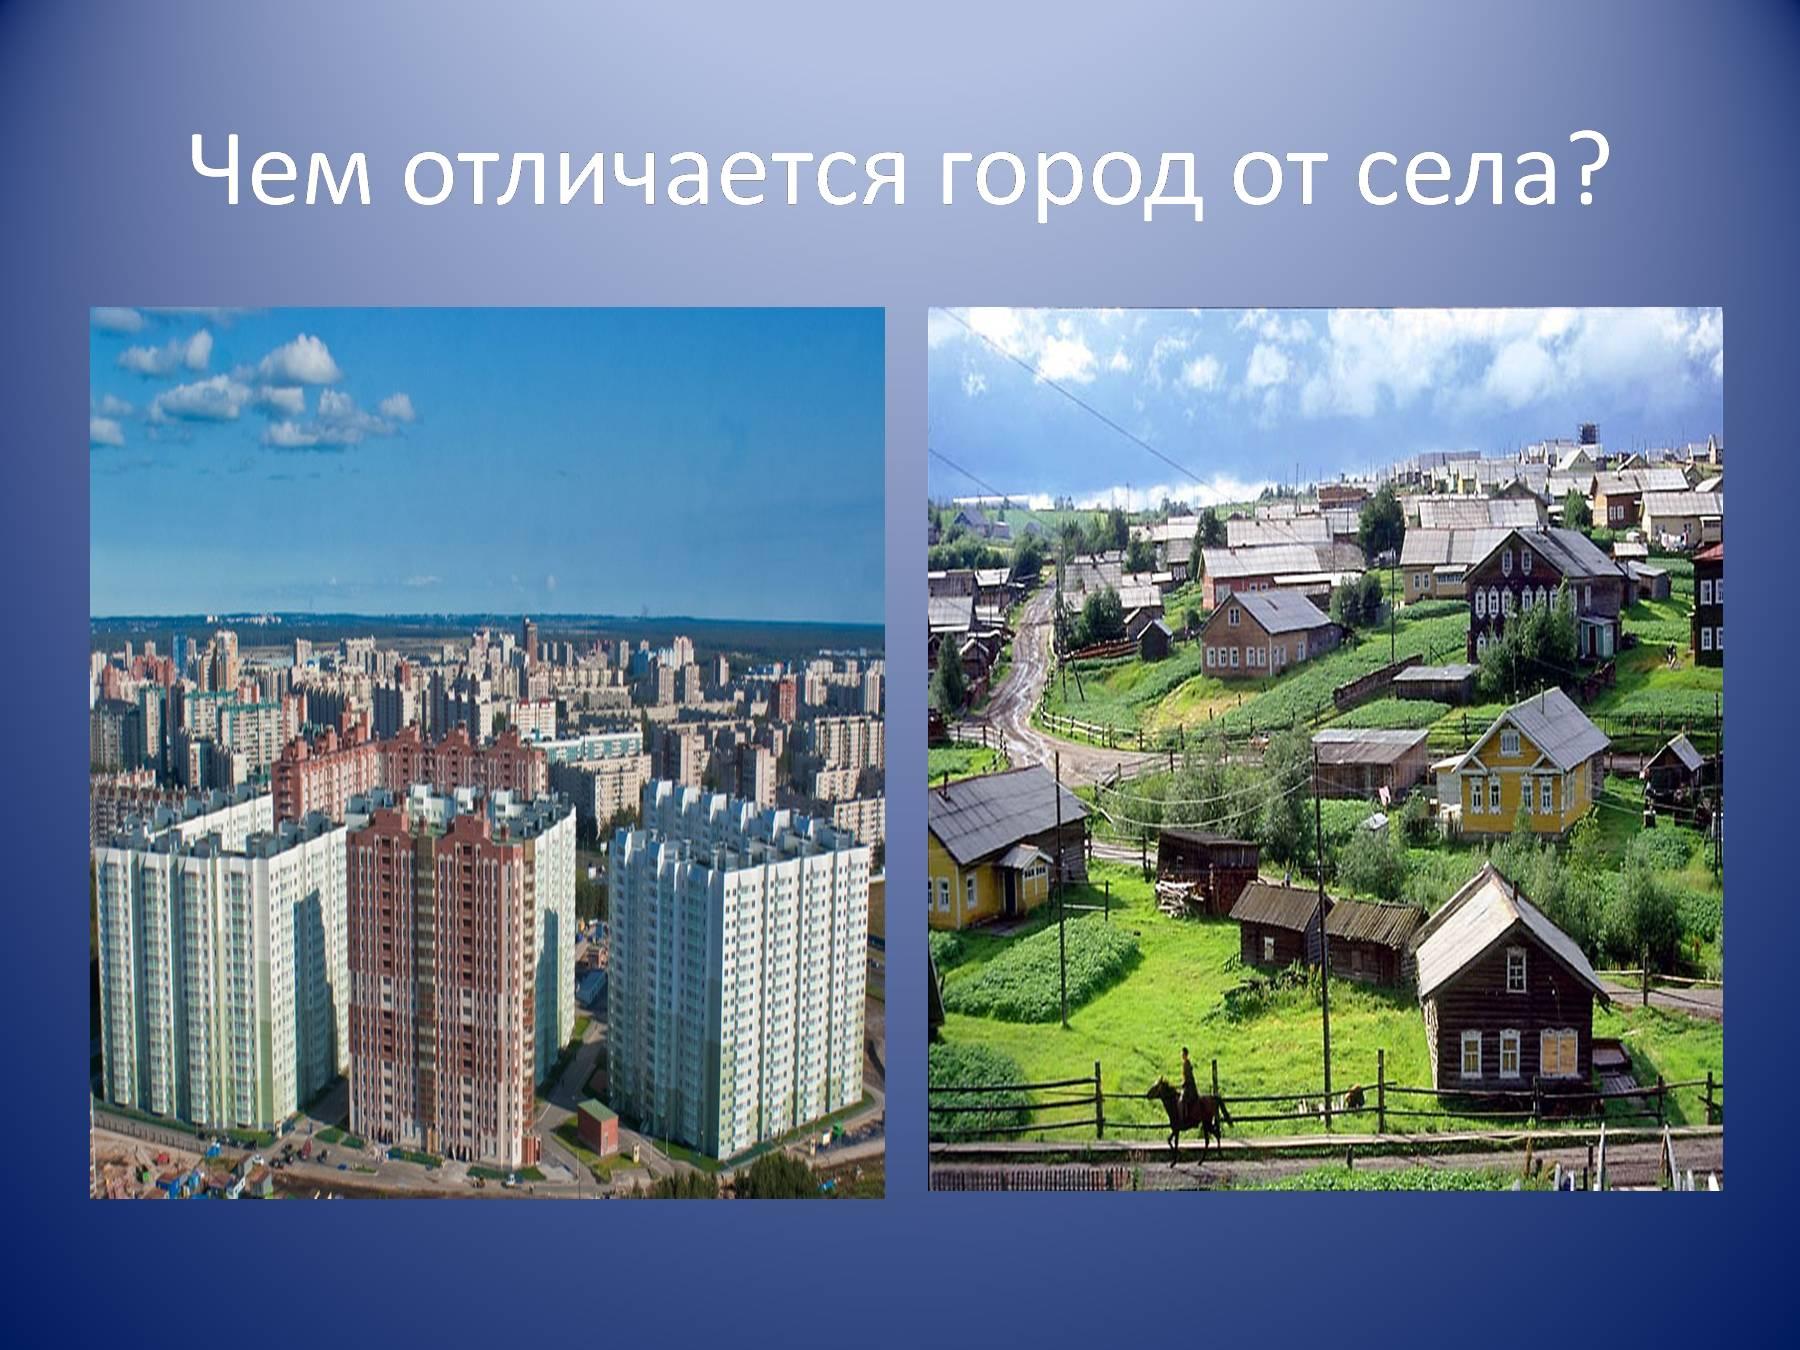 Картинки город и село для детей